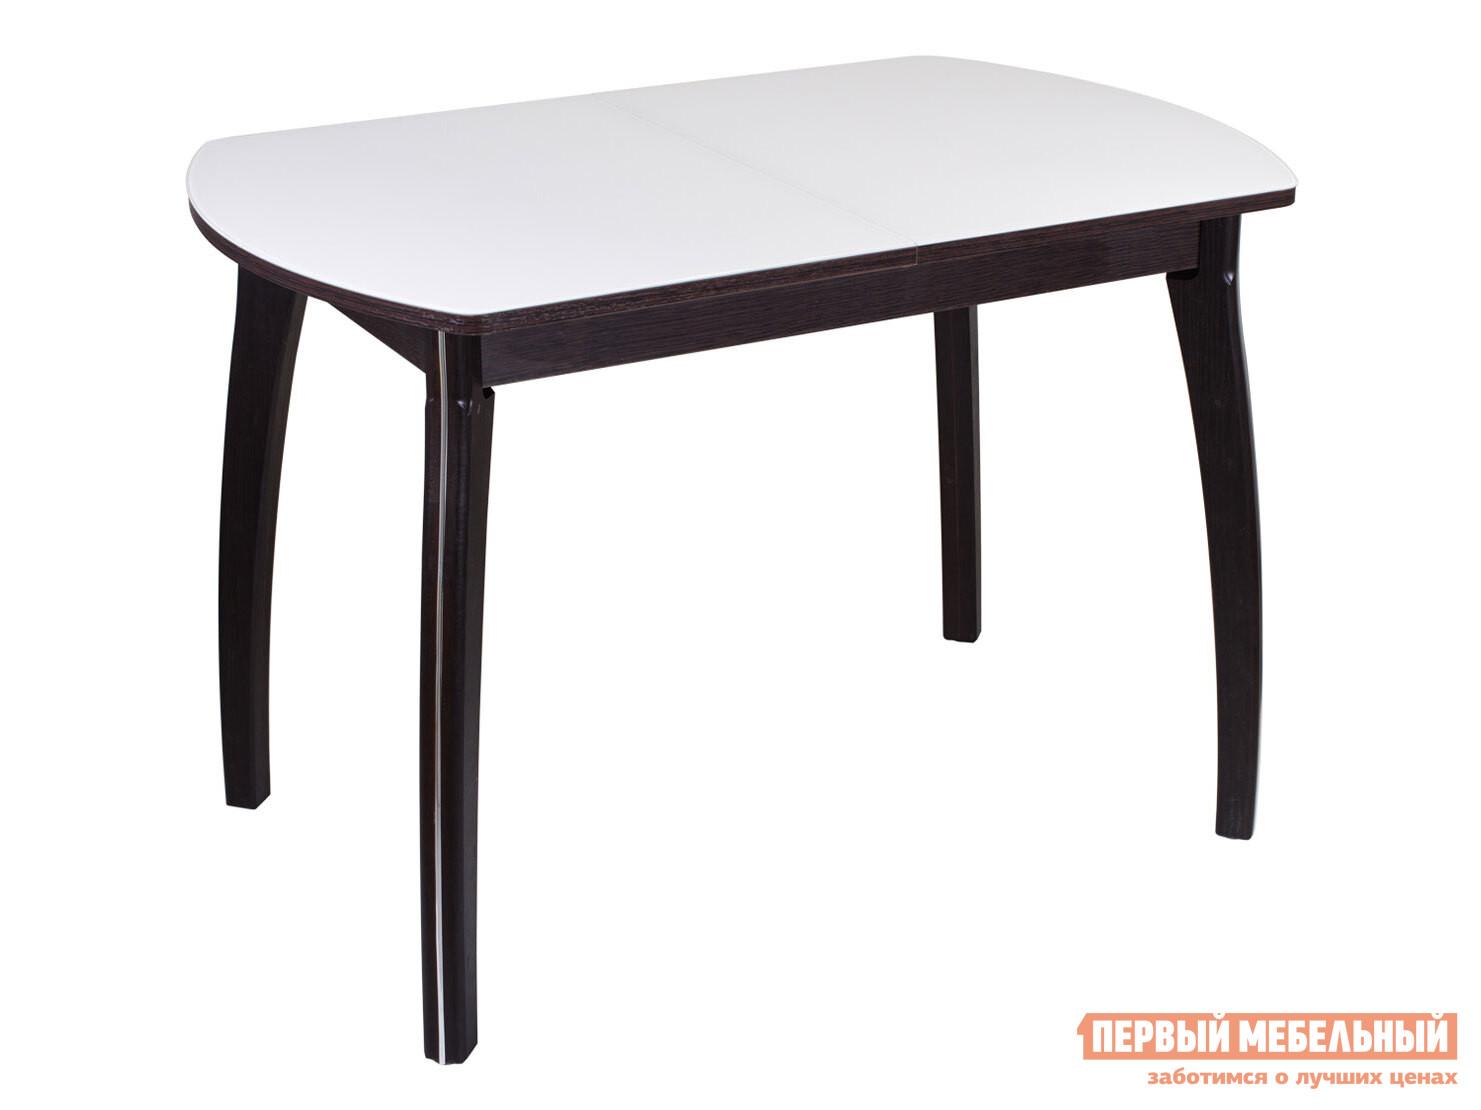 Фото - Кухонный стол Домотека Танго ПО со стеклом с ножками 07 стол домотека танго по бл ст 71 07 вп бл